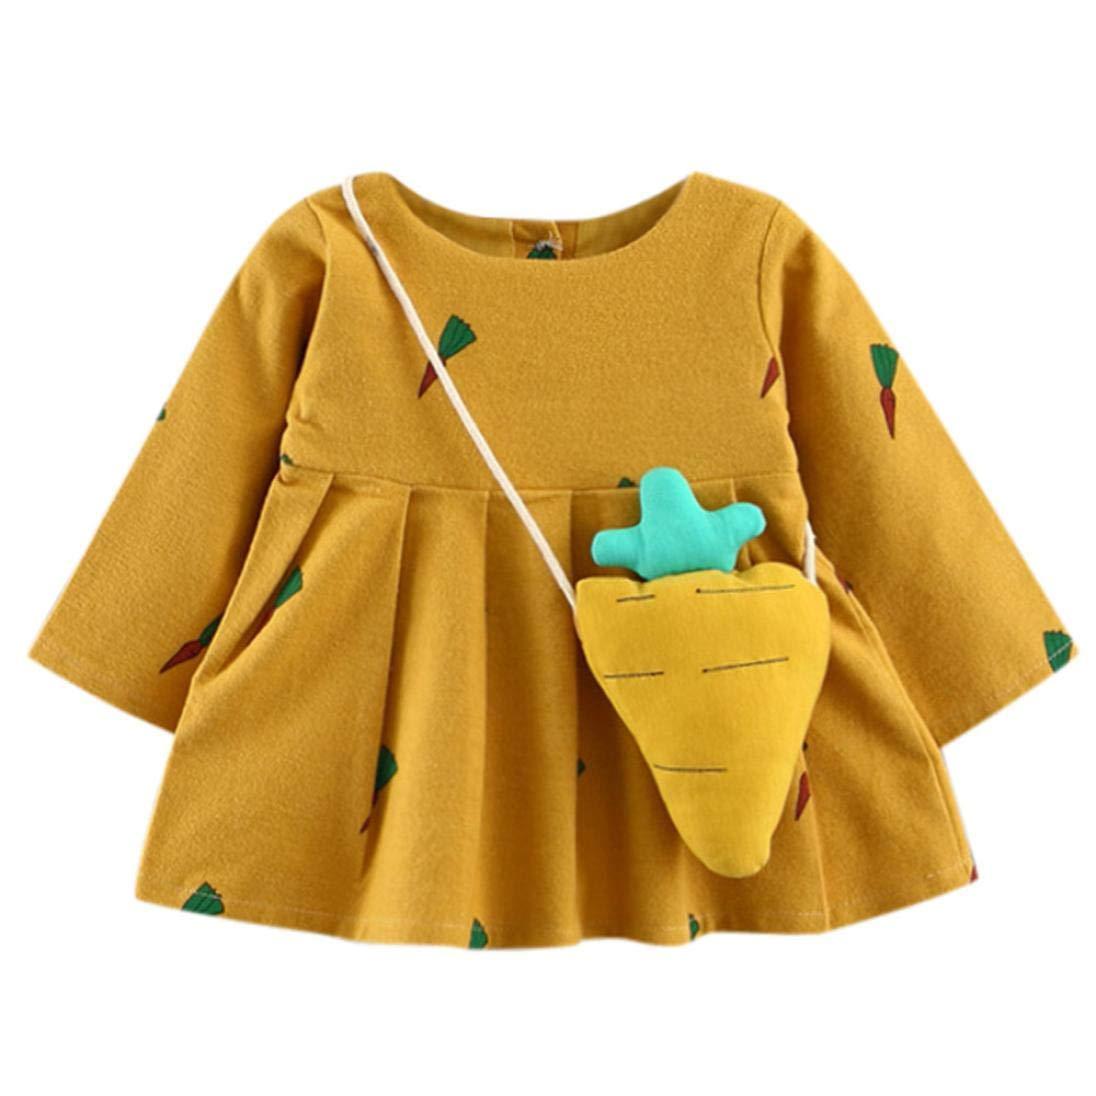 UOMOGO Bambine e Ragazze T-Shirt vestito per ragazze senza maniche in foglia di stampa gilet T-shirt Rosa+ oro